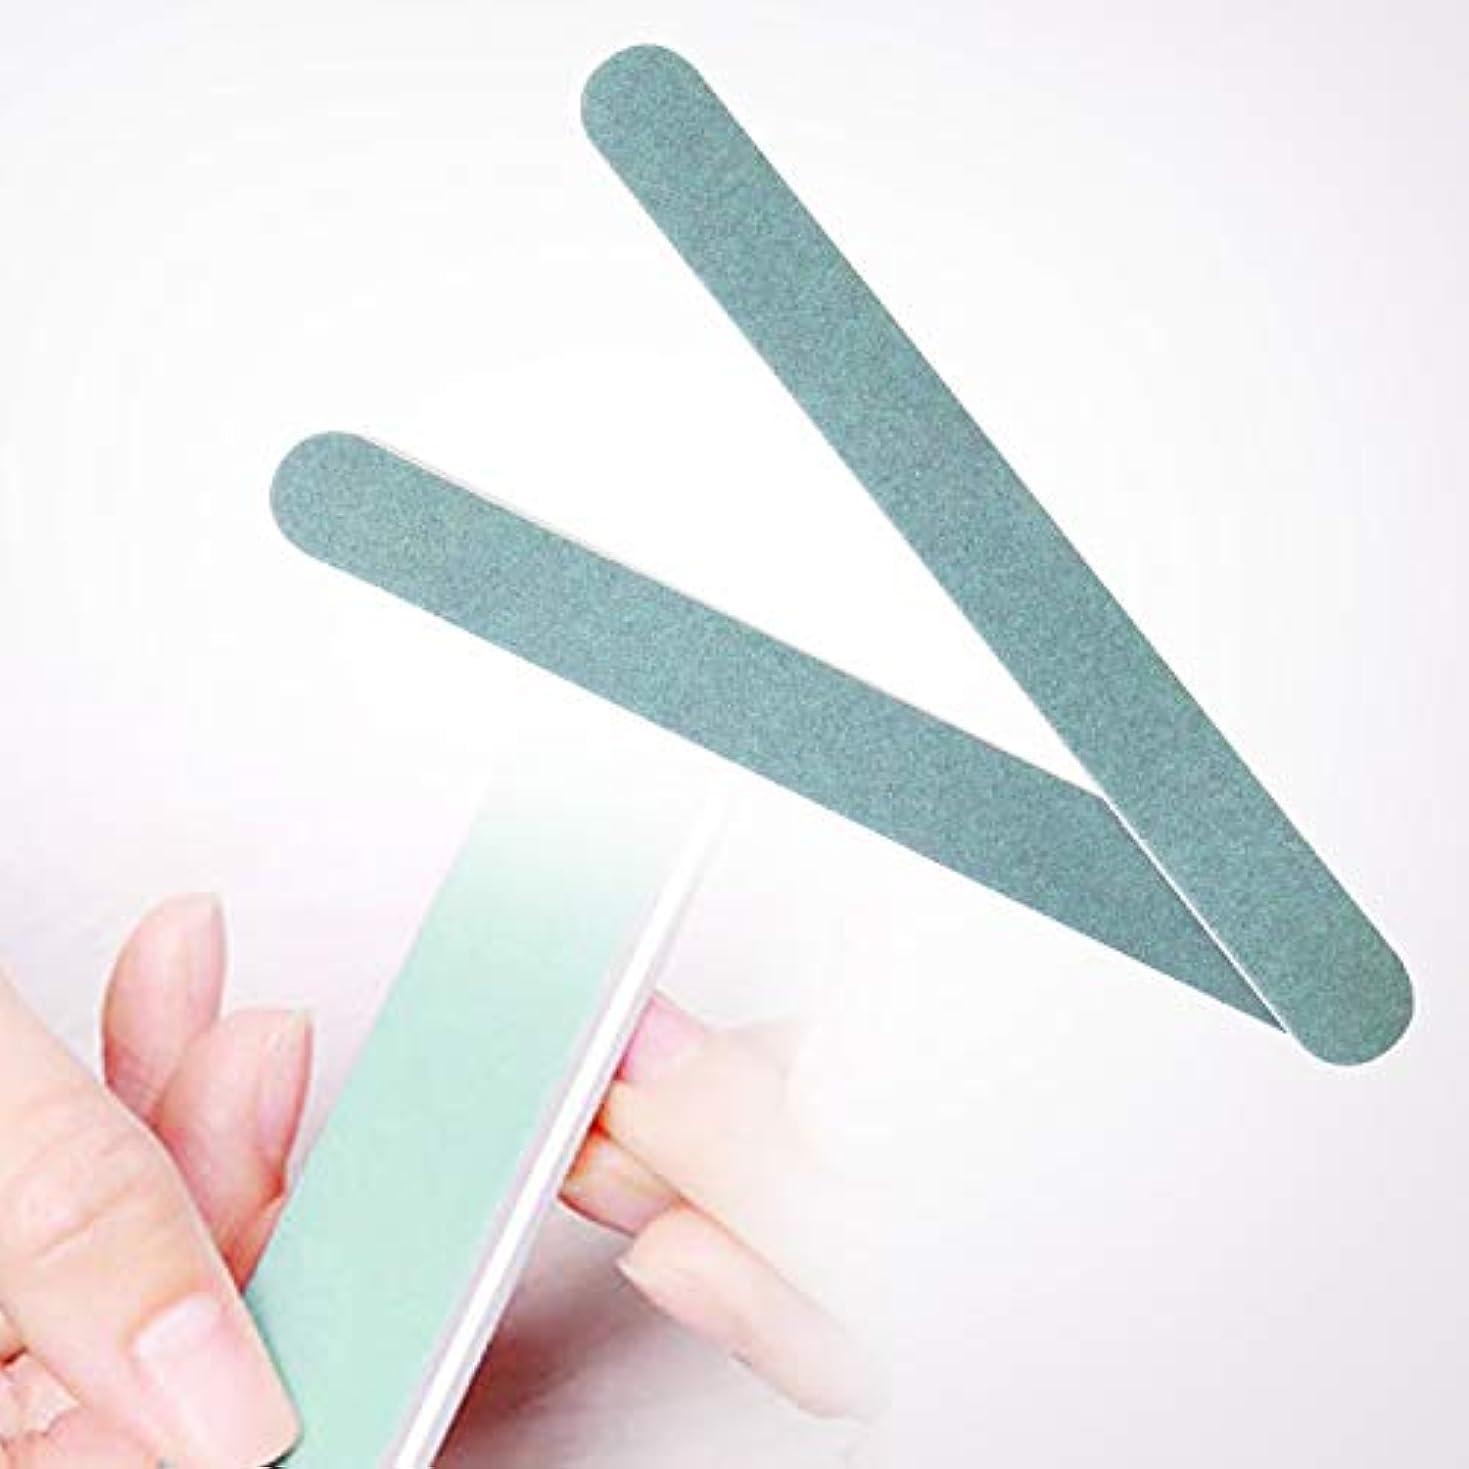 手段と遊ぶモンクurlifeエリコネイル エメリーボード パーフェクトシャイン ネイルをつやつやにするスポンジネイルファイル 両面使えるマニキュアDIYのソフトファイル 爪磨き 爪に優しい爪やすり 2本入